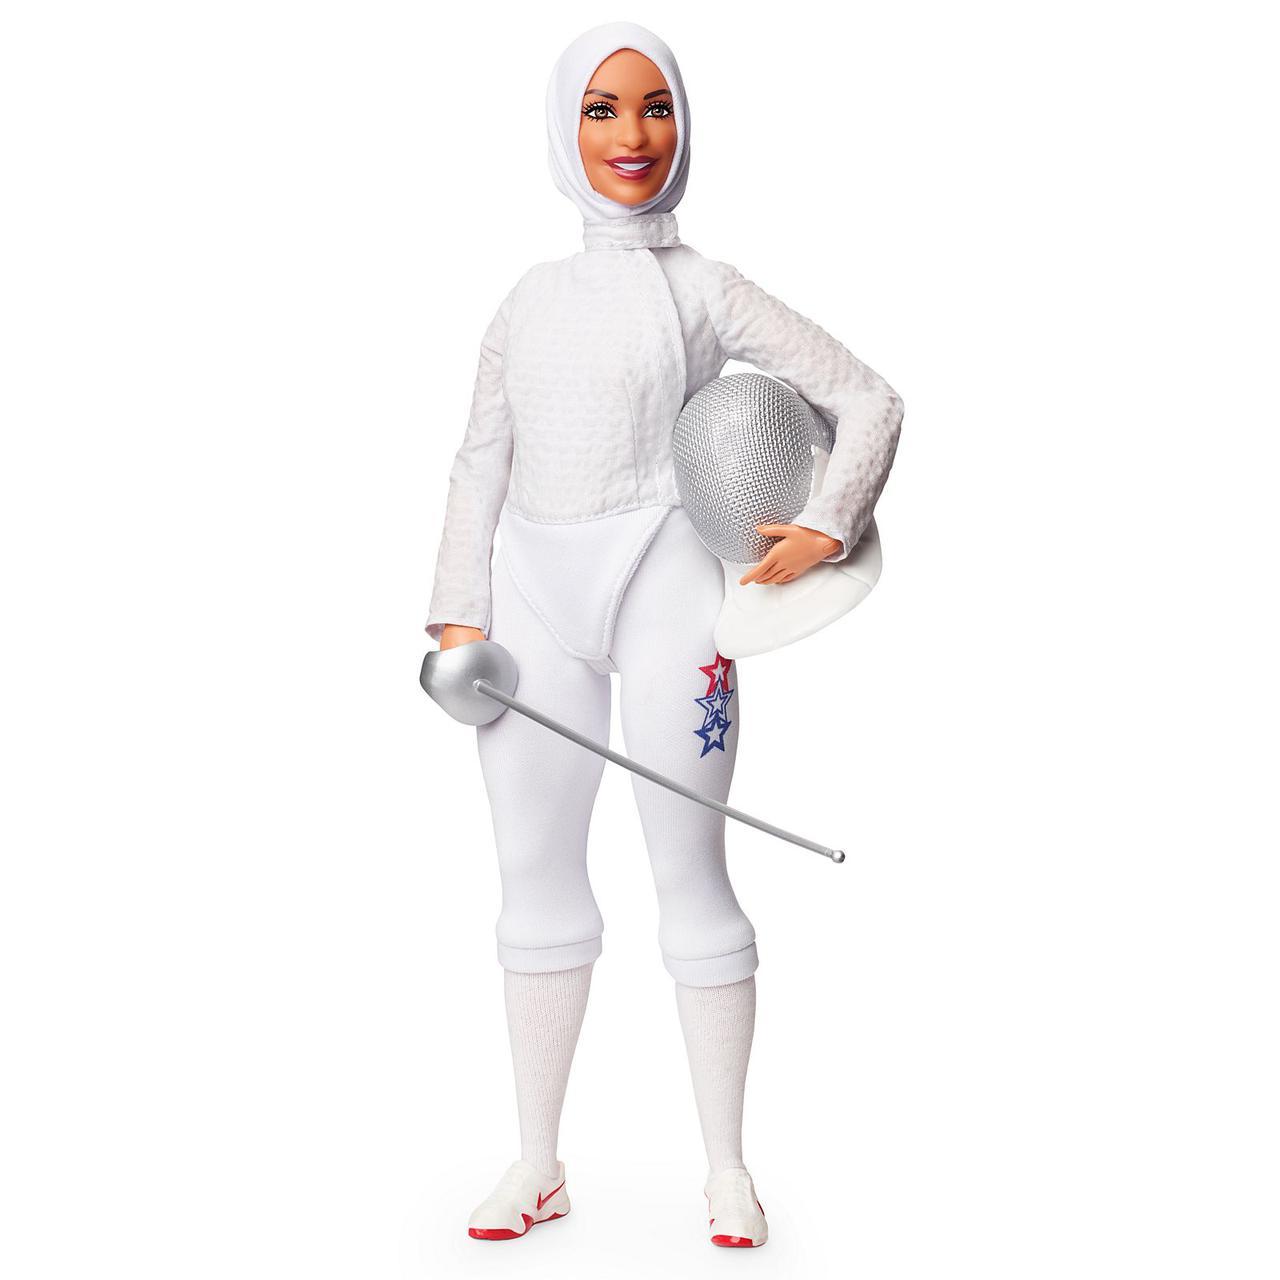 Барби Ибтихадж Мухаммад Вдохновляющие женщины